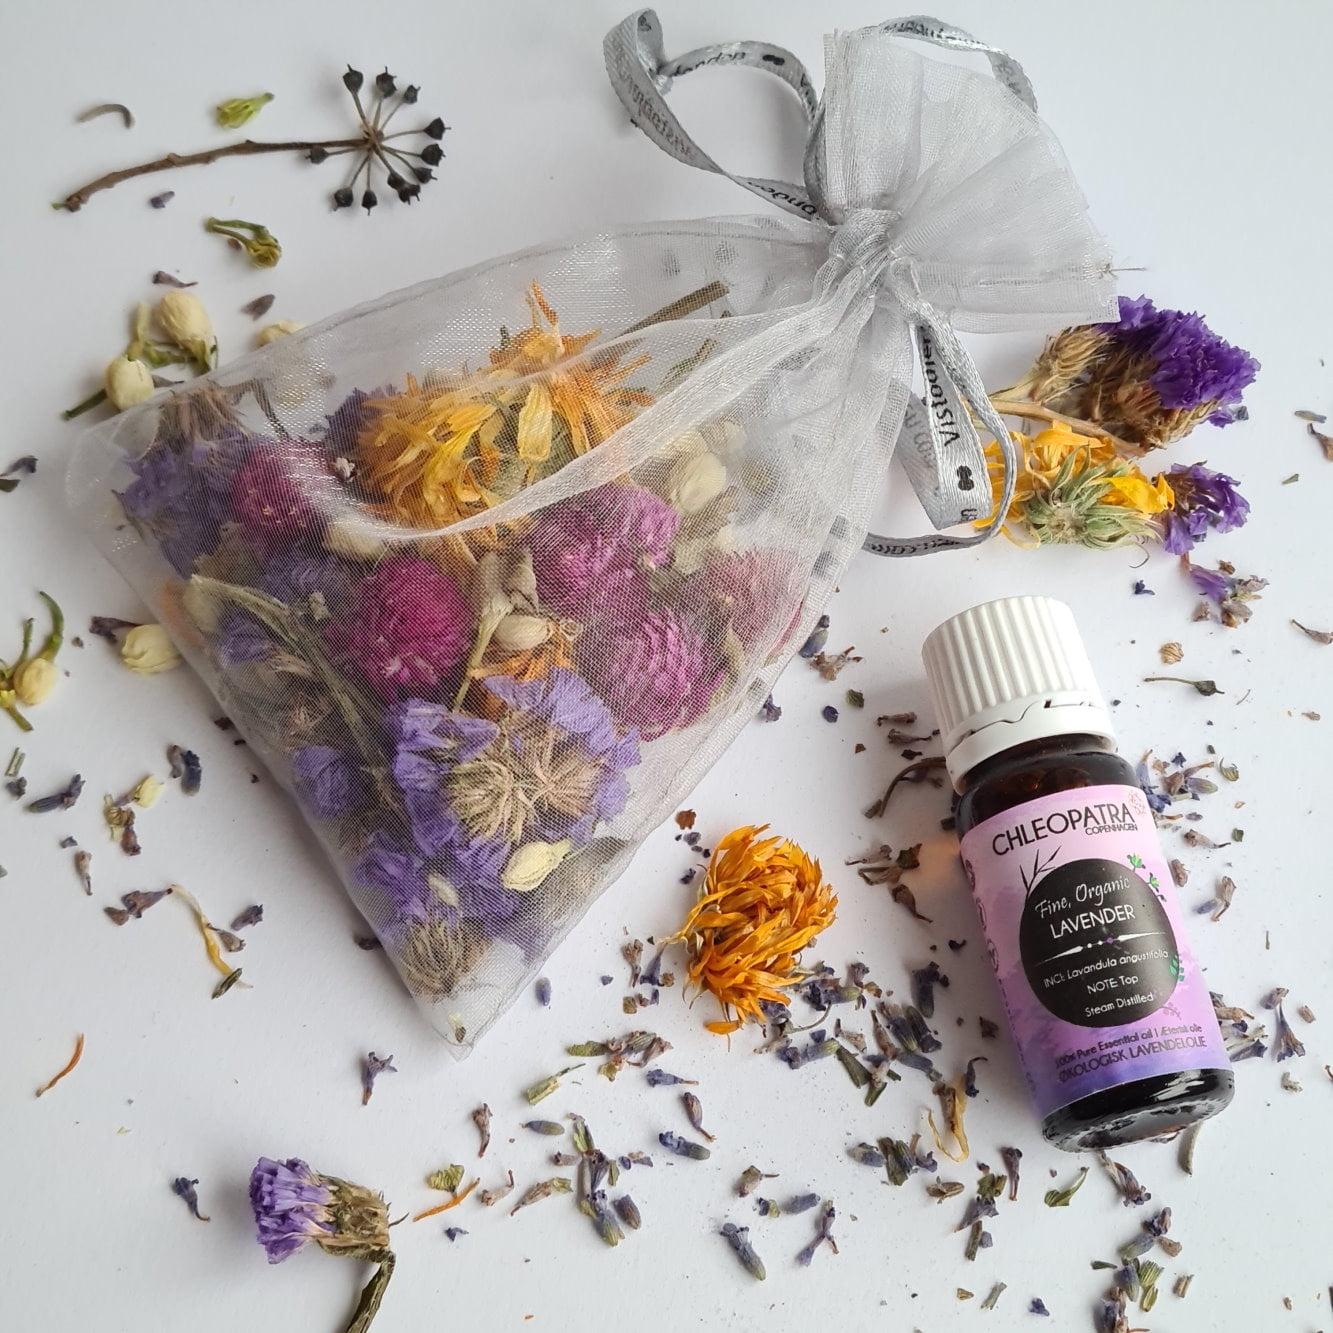 Få dit tøj til at dufte skønt ved brugen af en urtepose med tørrede blomster og lidt æterisk olie